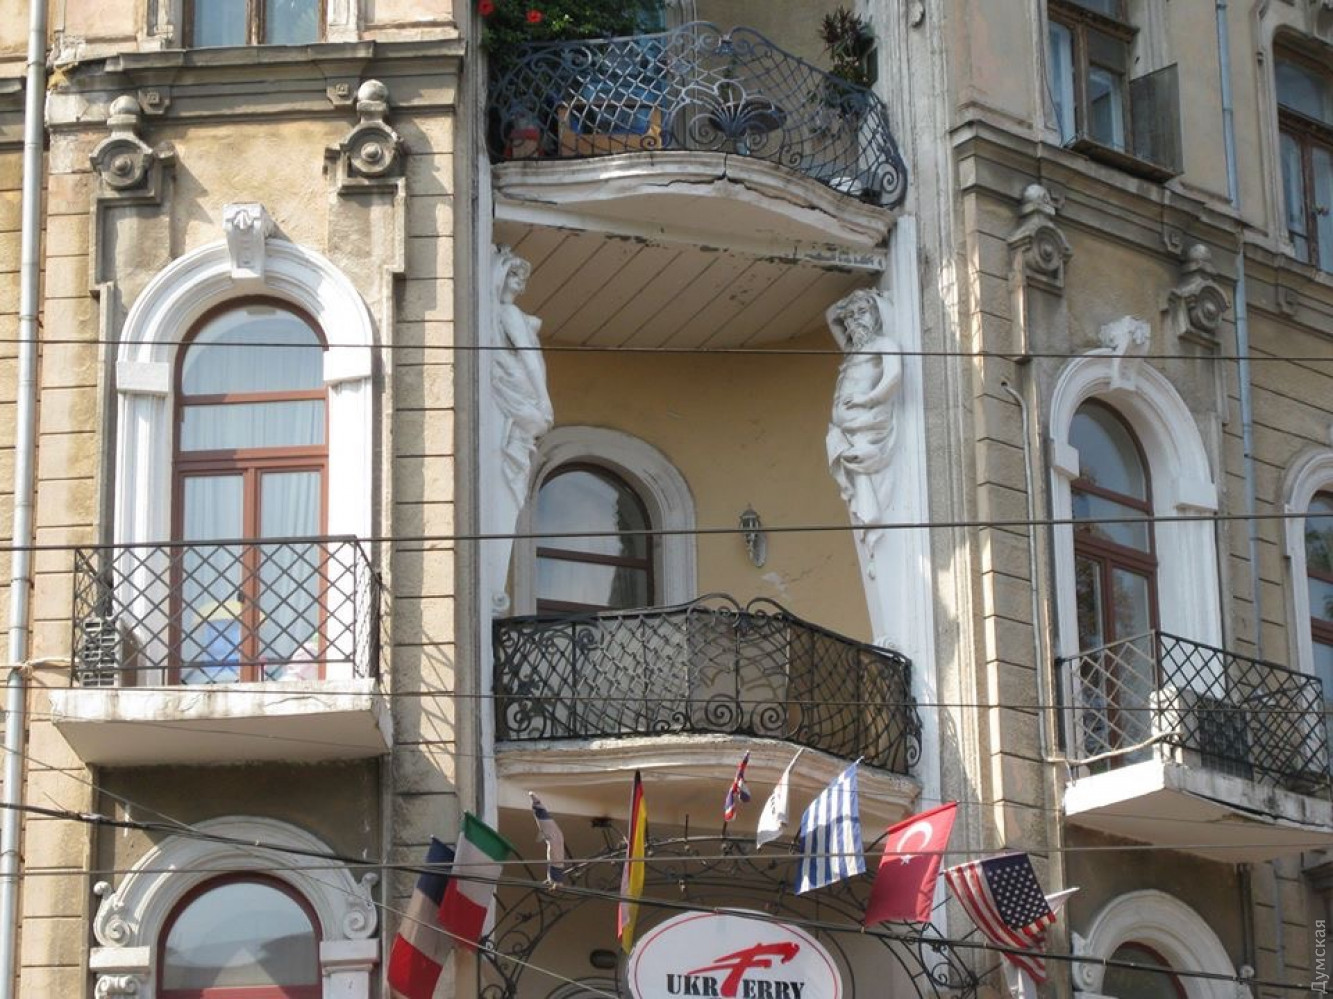 Одесса. Памятник архитектуры остался без атланта: фото